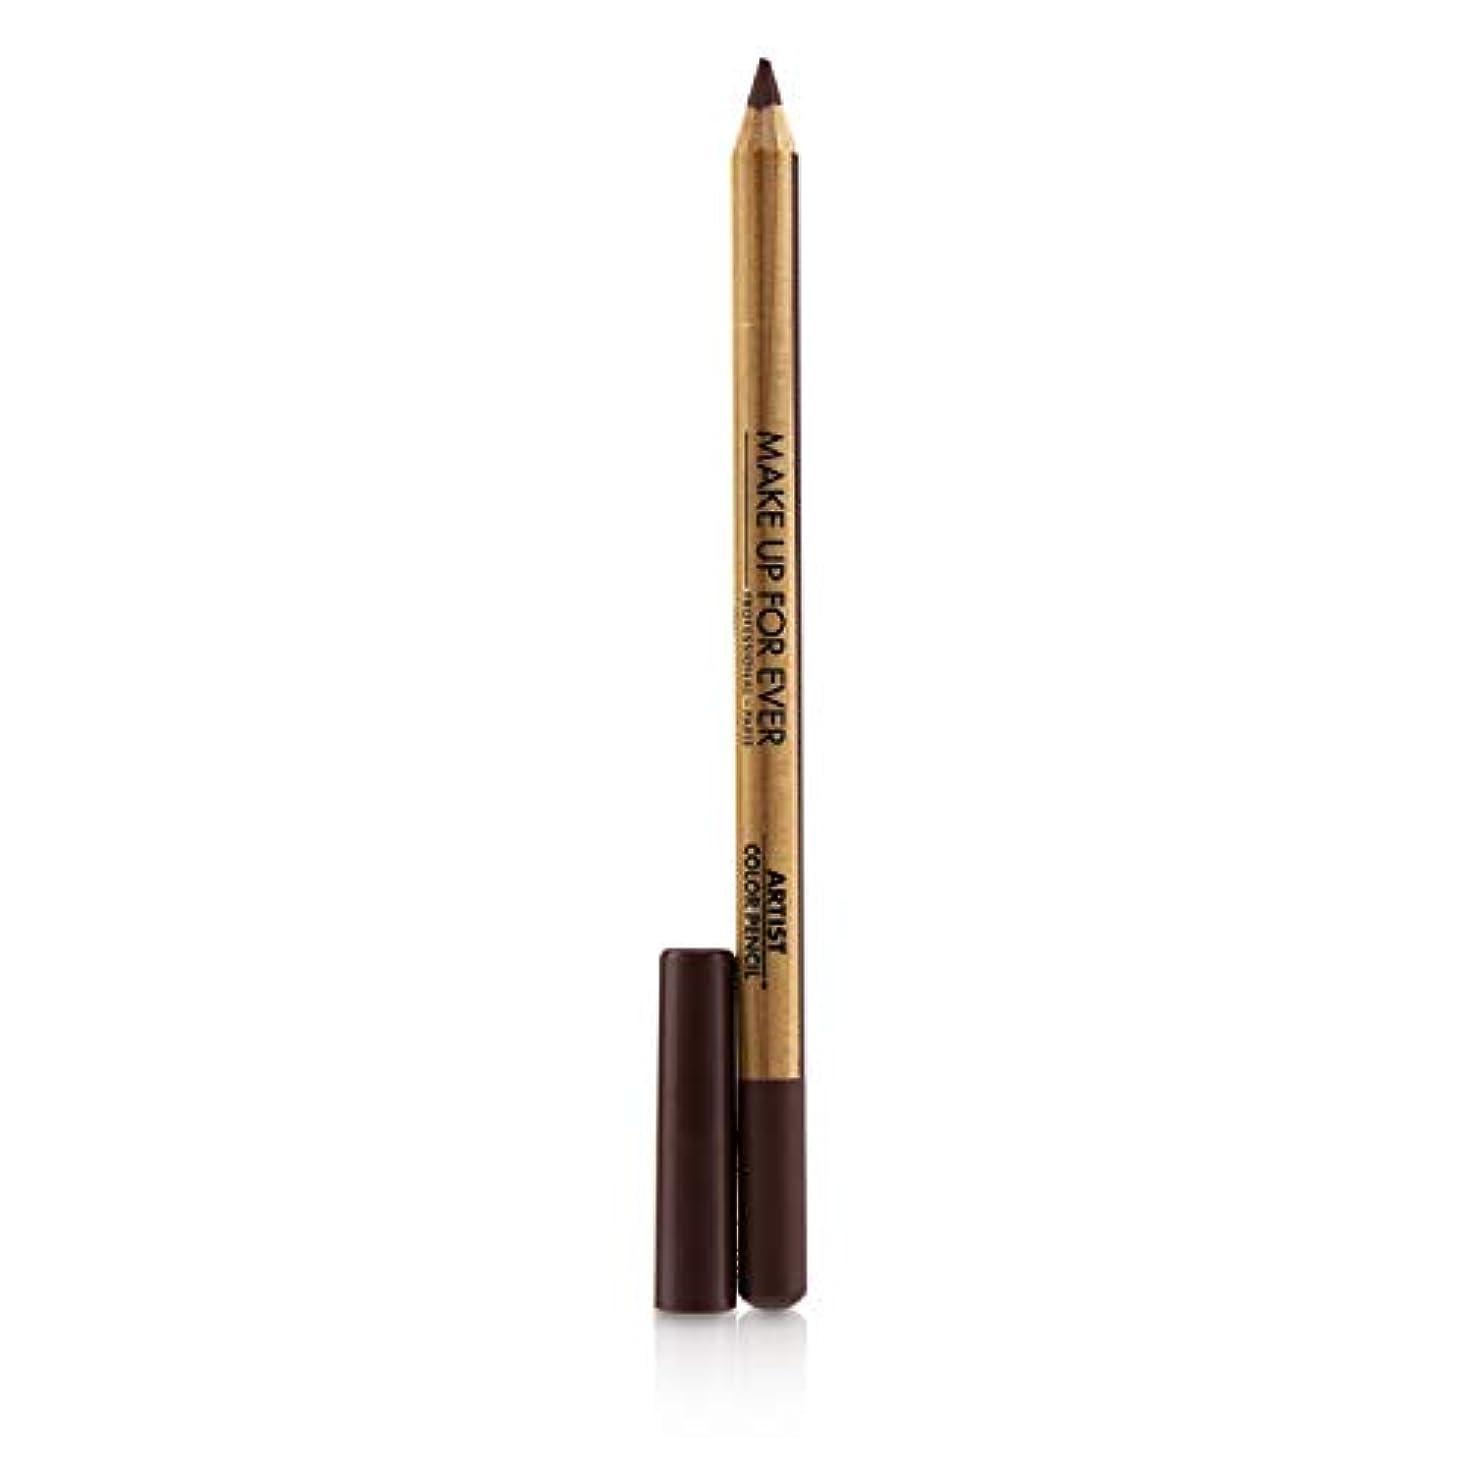 クリアアーサーロゴメイクアップフォーエバー Artist Color Pencil - # 708 Universal Earth 1.41g/0.04oz並行輸入品